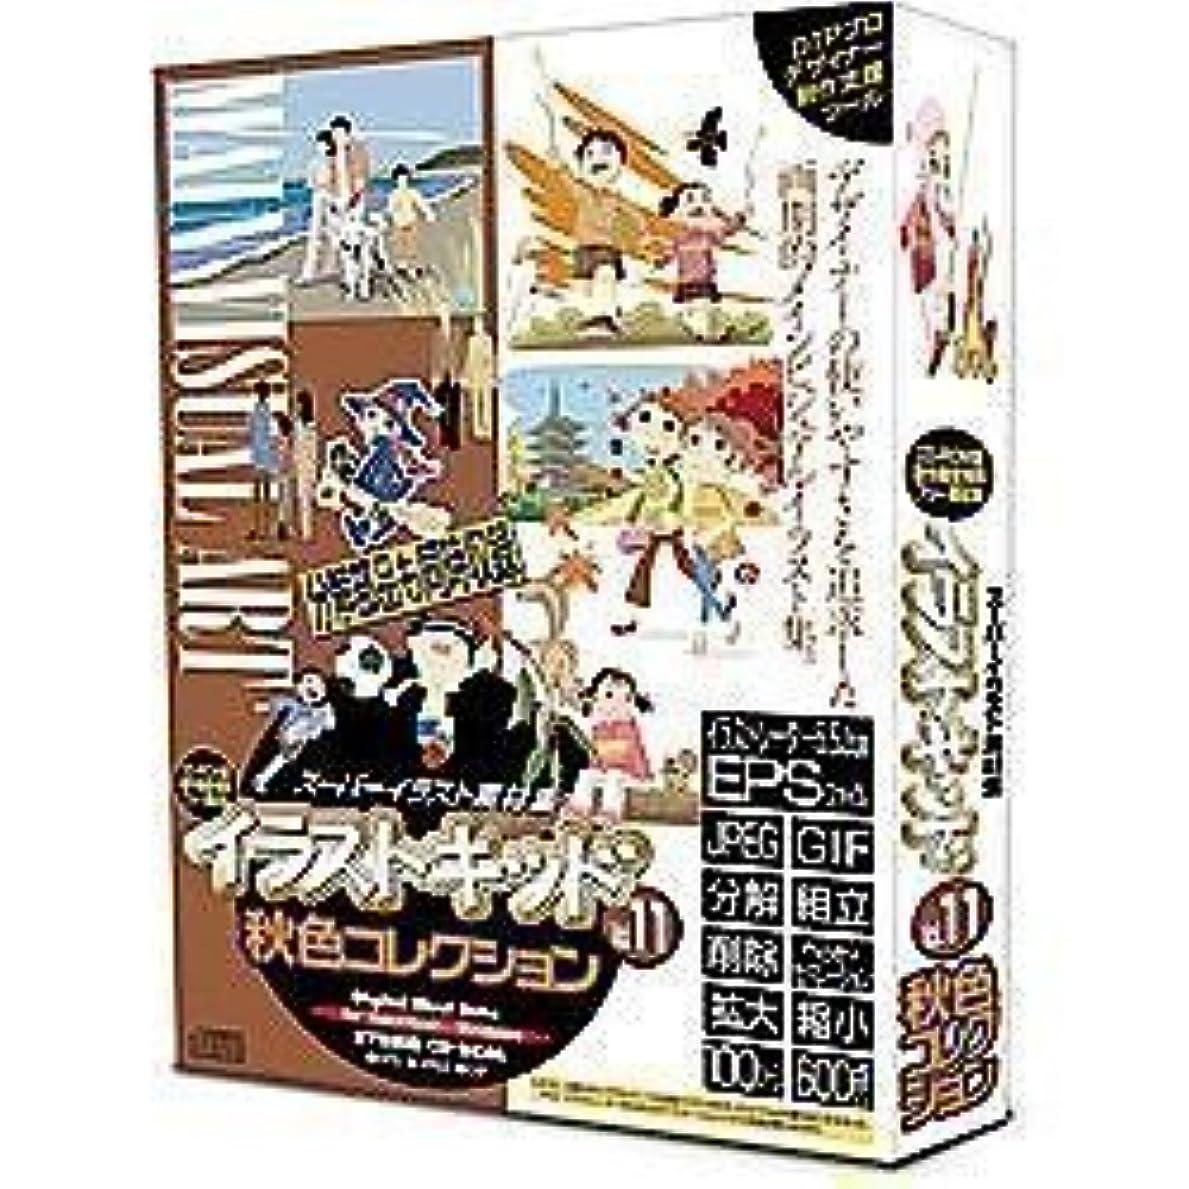 トーク覗くにおいイラストキッド Vol.11 秋色コレクション